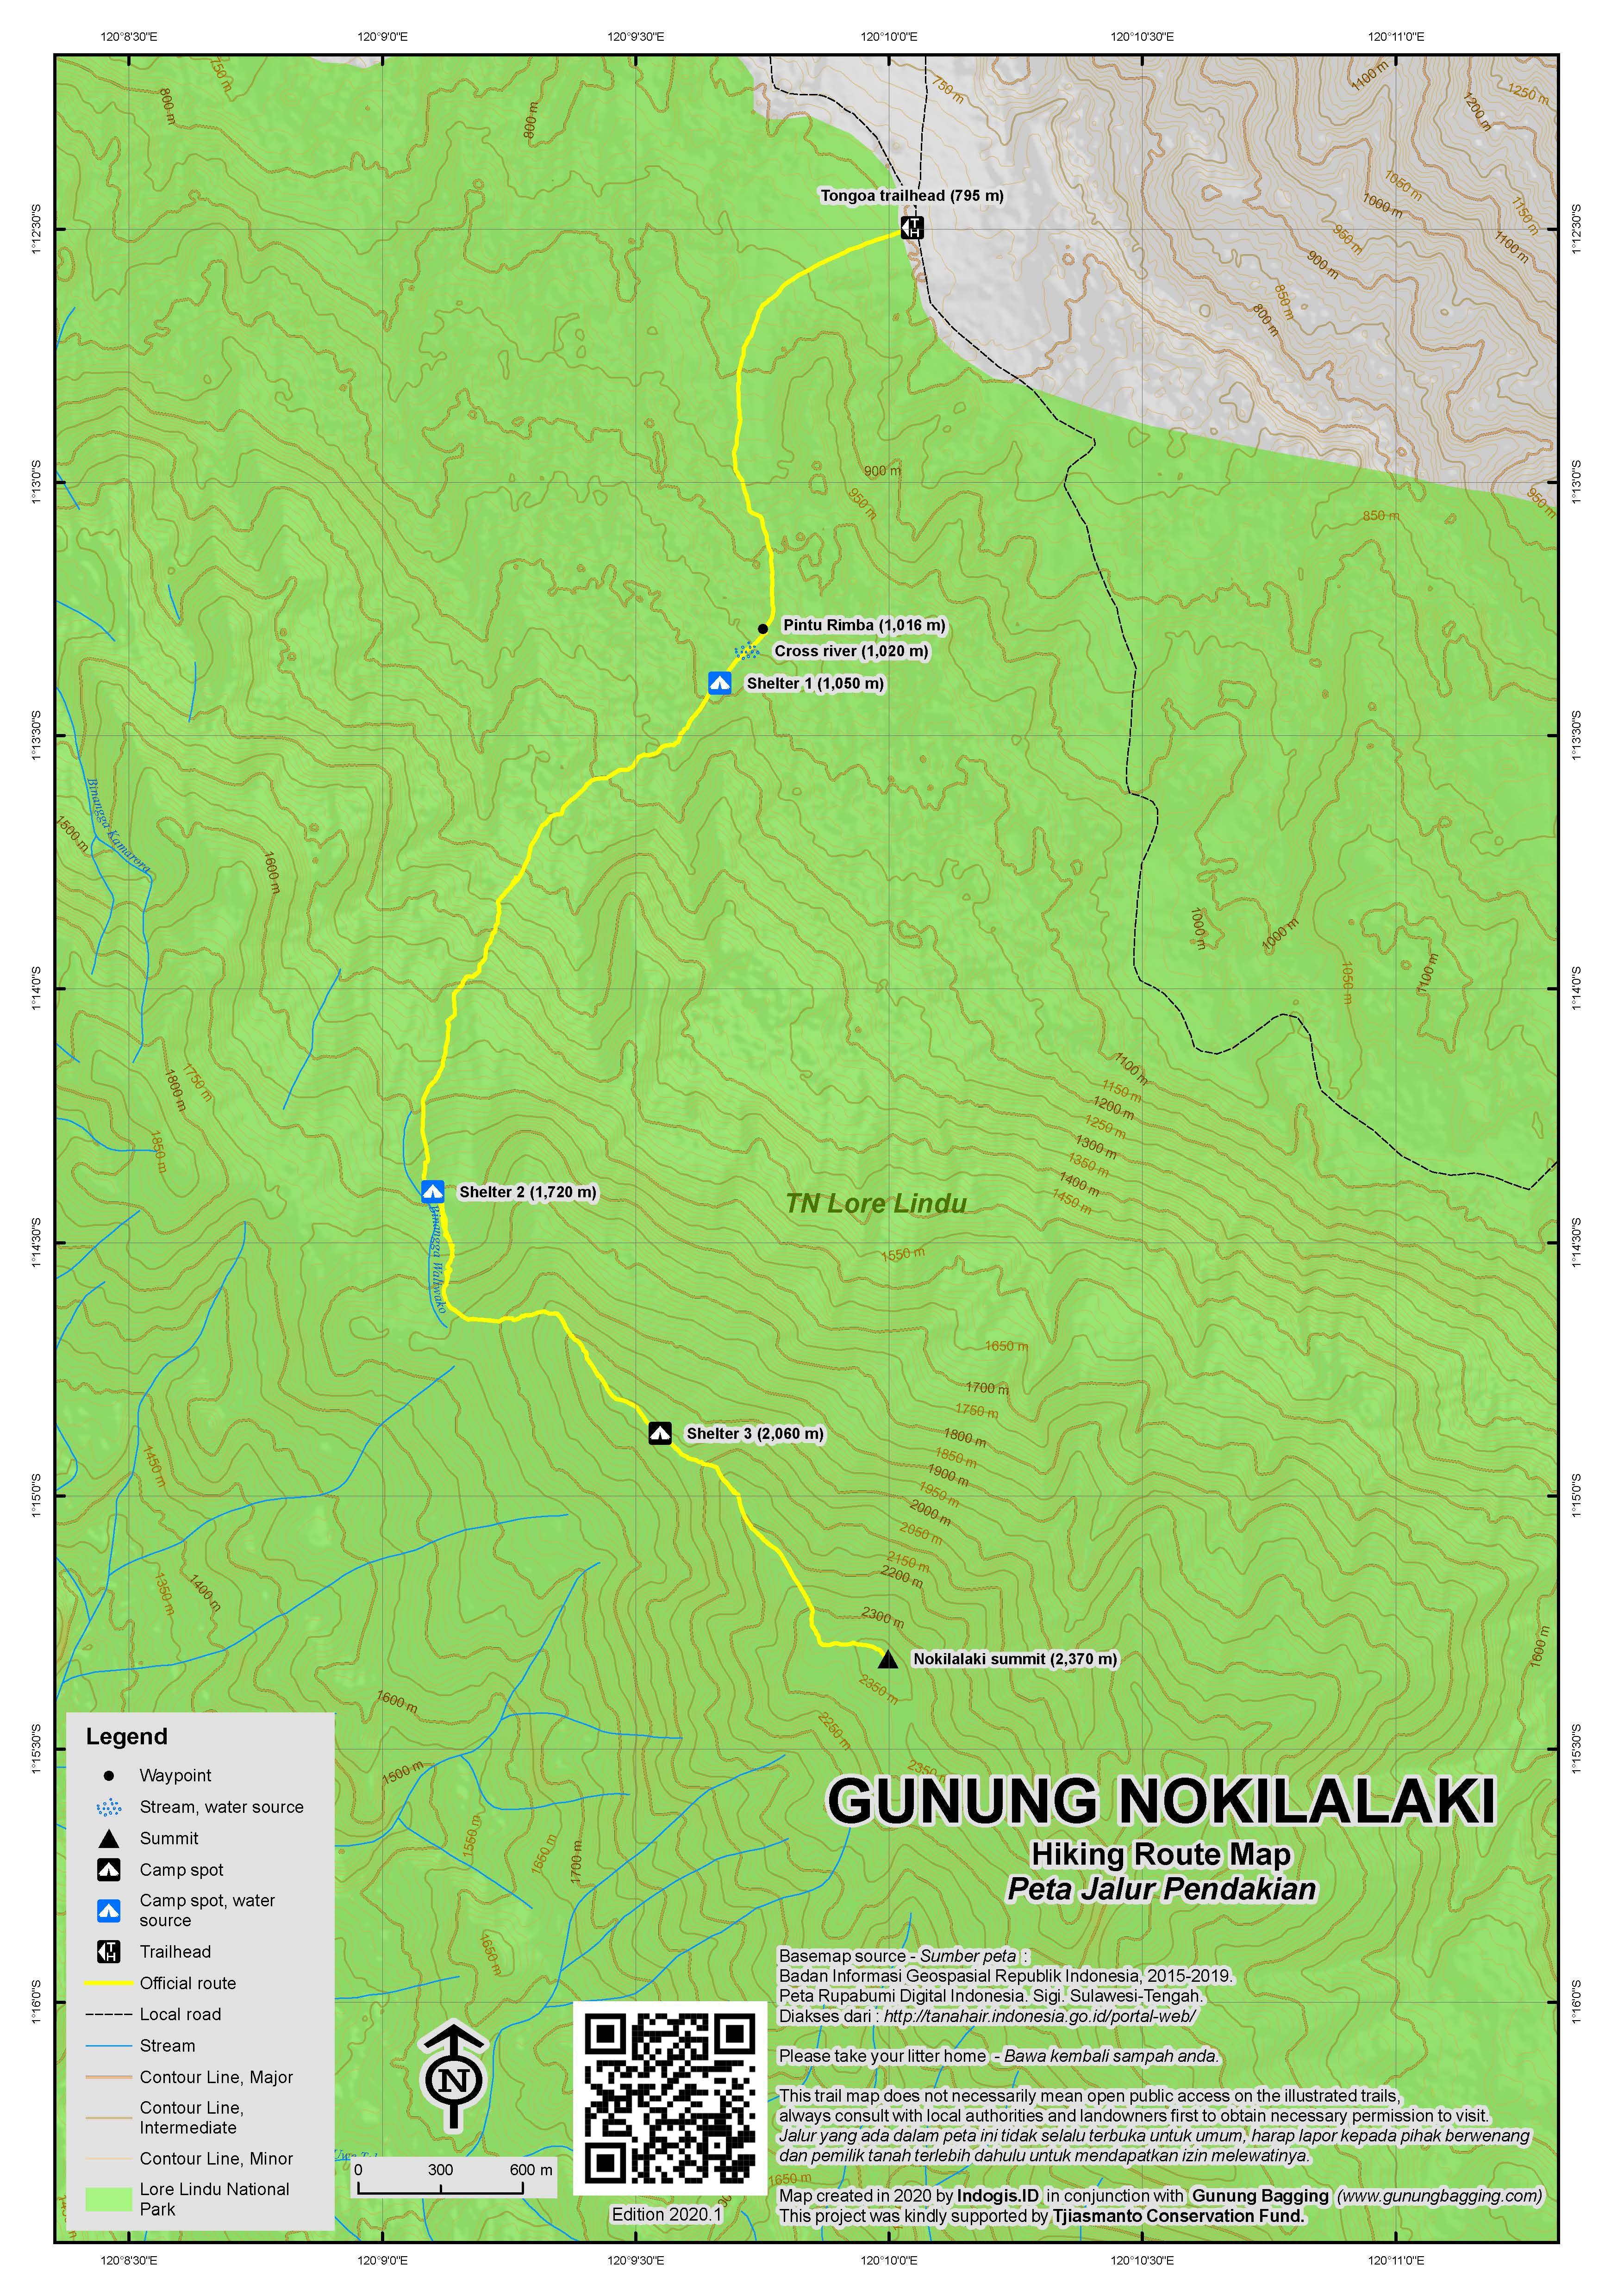 Peta Jalur Pendakian Gunung Nokilalaki